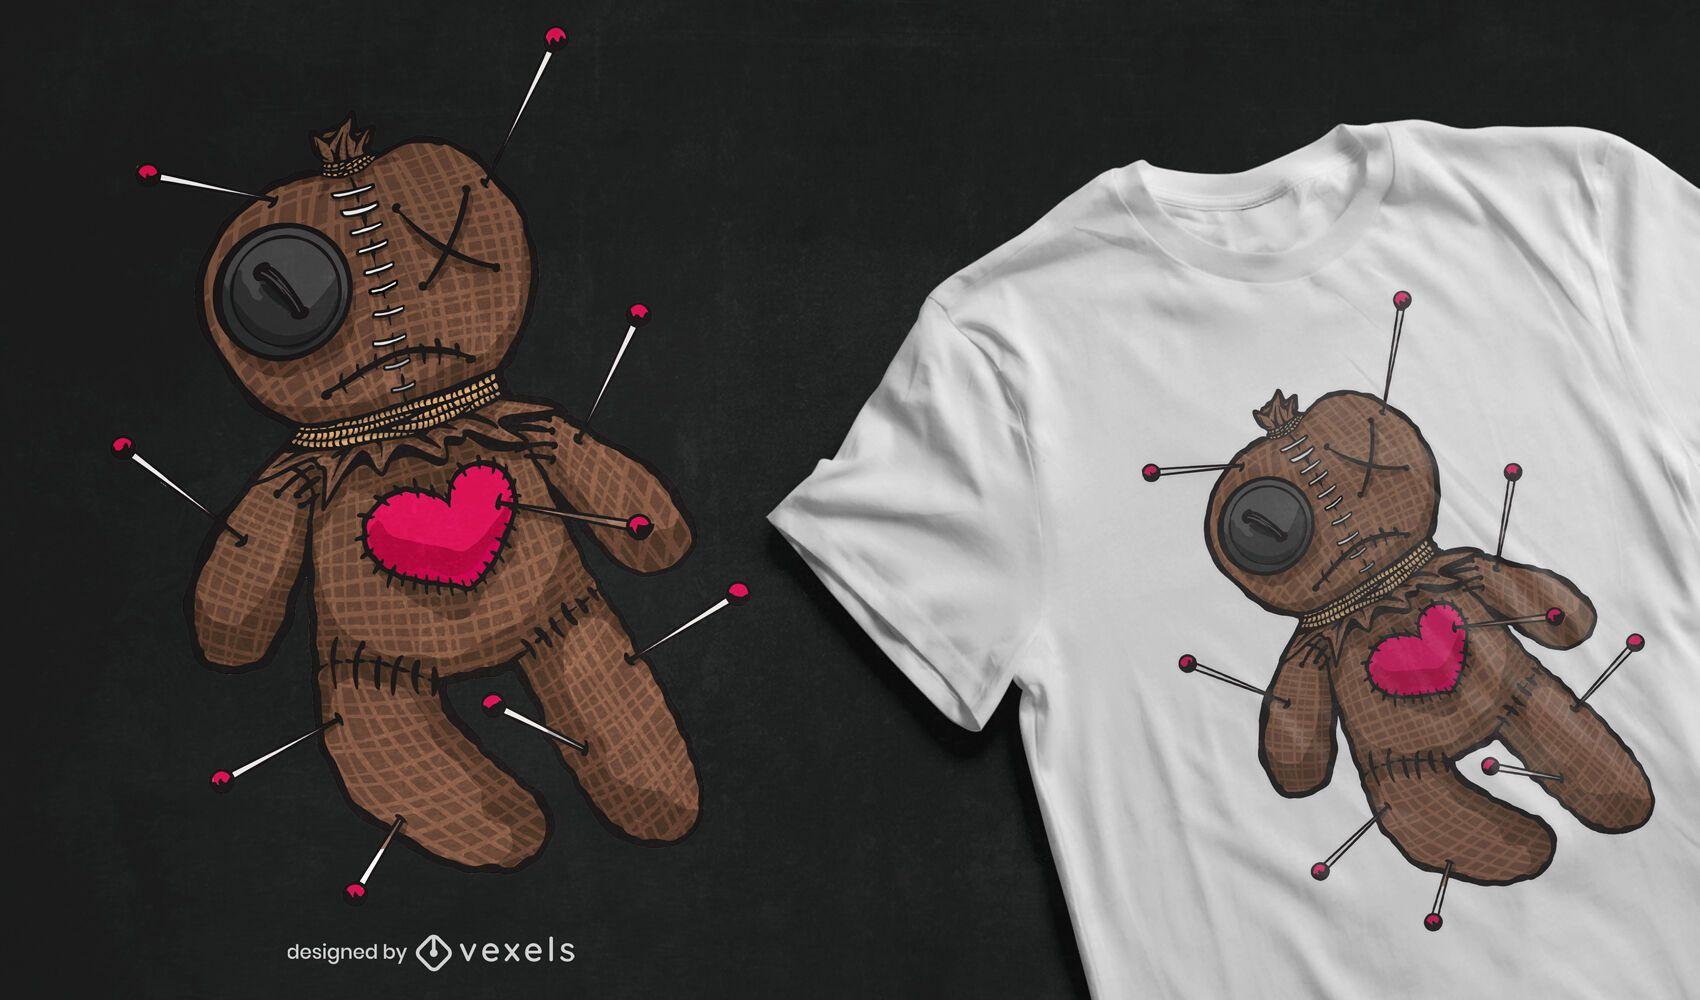 Voodoo doll illustration t-shirt design